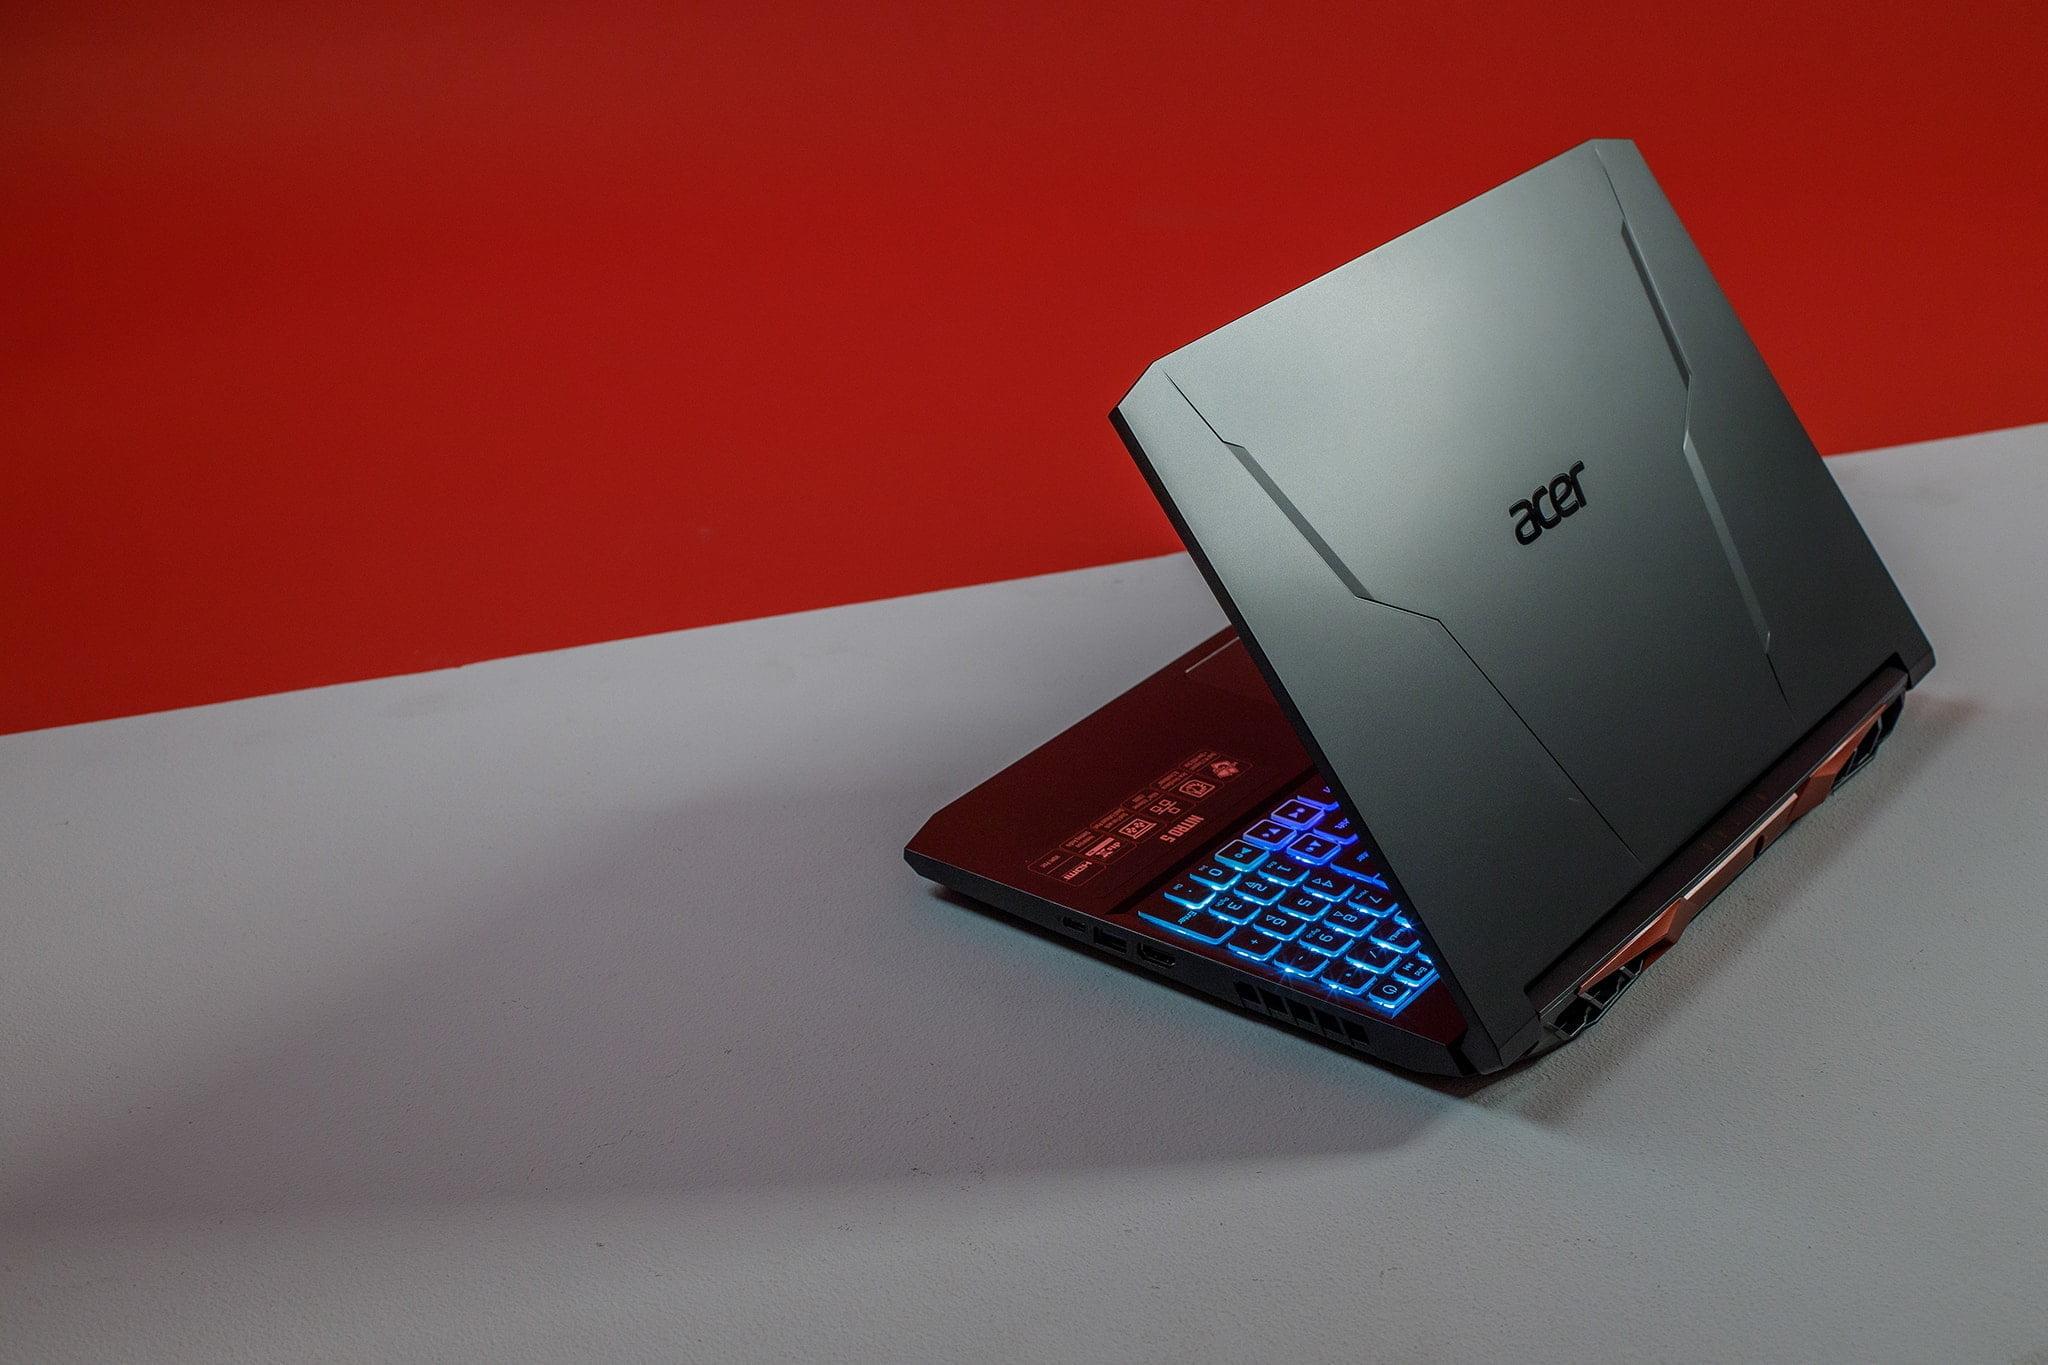 Acer Nitro 5 là laptop trang bị vi xử lý Intel Core i thế hệ 11 đầu tiên lên kệ tại Việt Nam, giá từ 23,49 triệu đồng